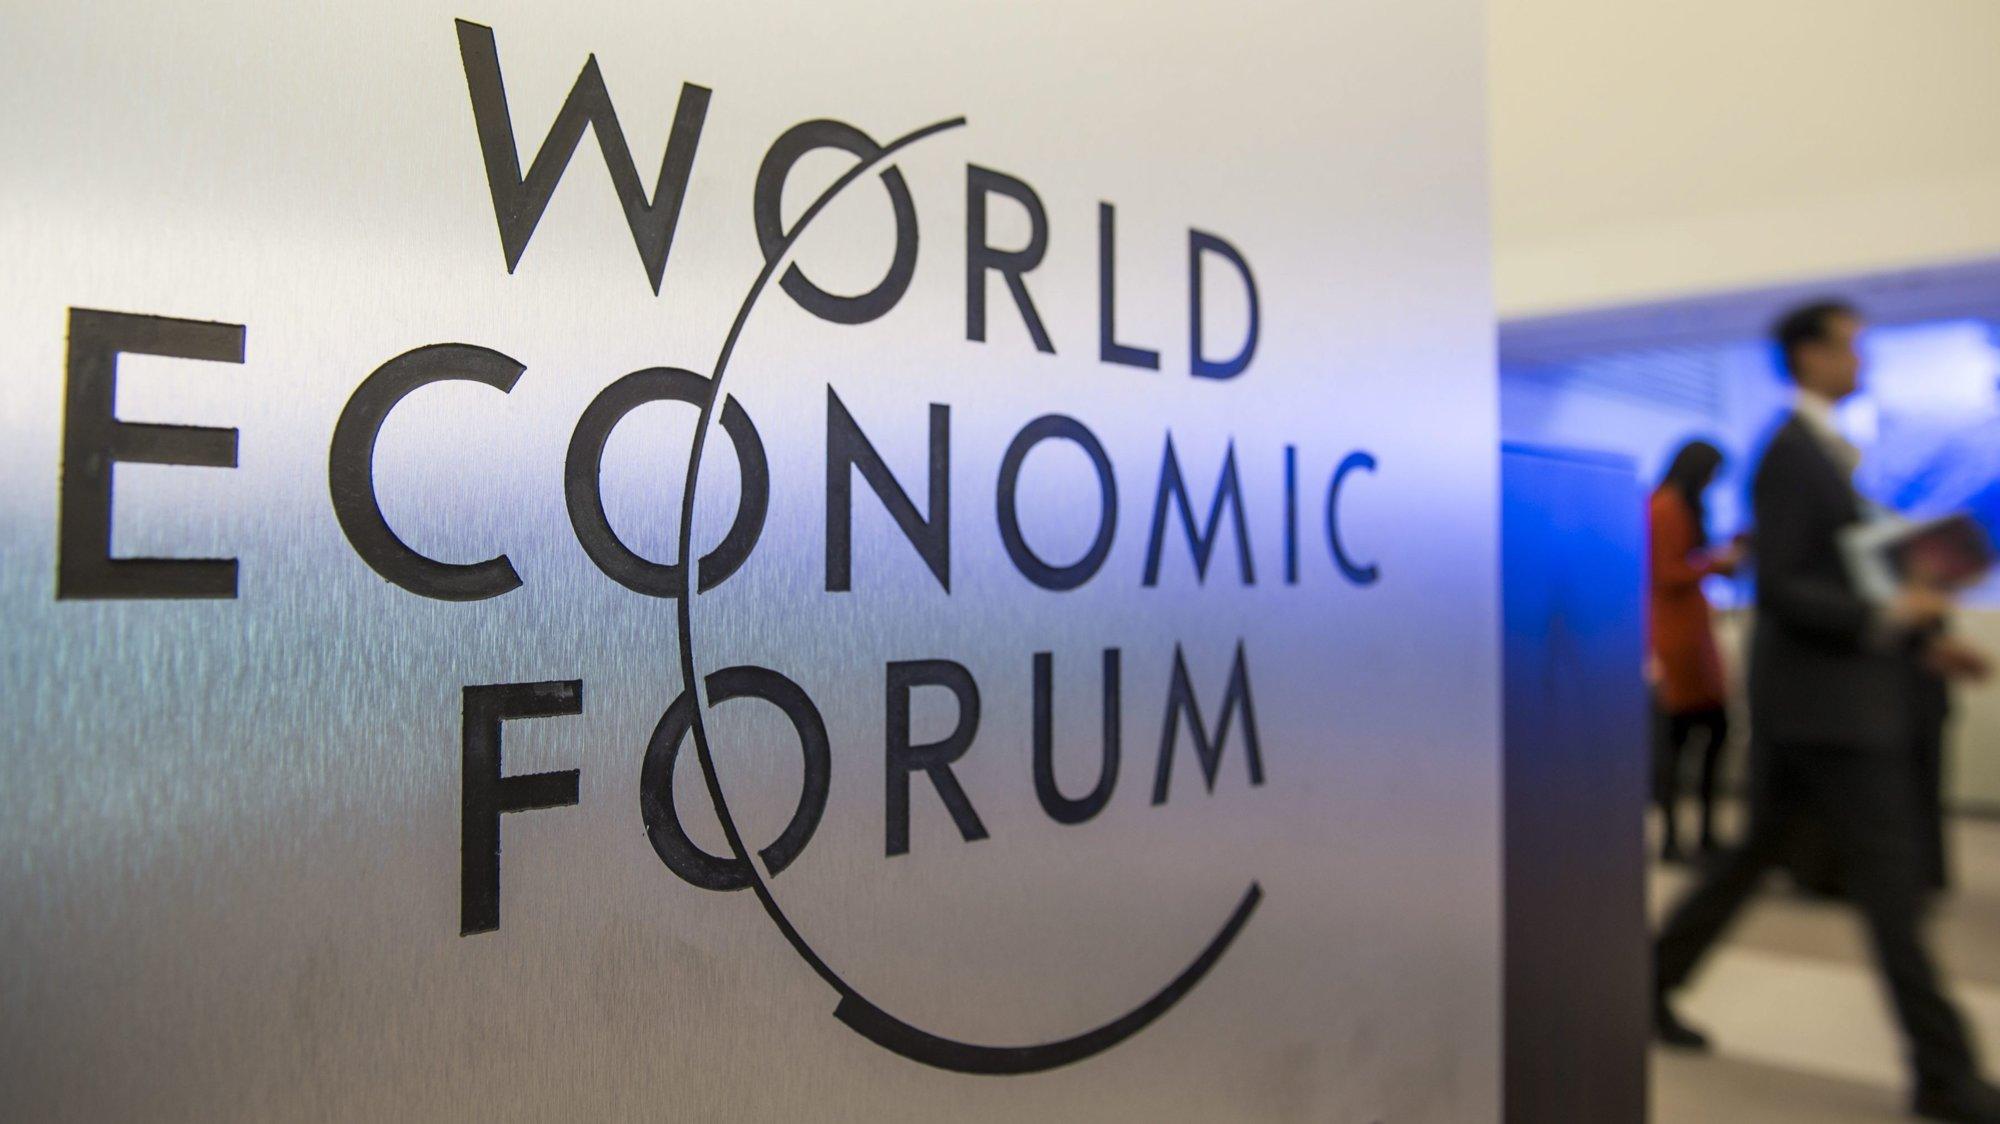 Володимир Кличко представив український спортивний портал Mixsport на Всесвітньому економічному форумі